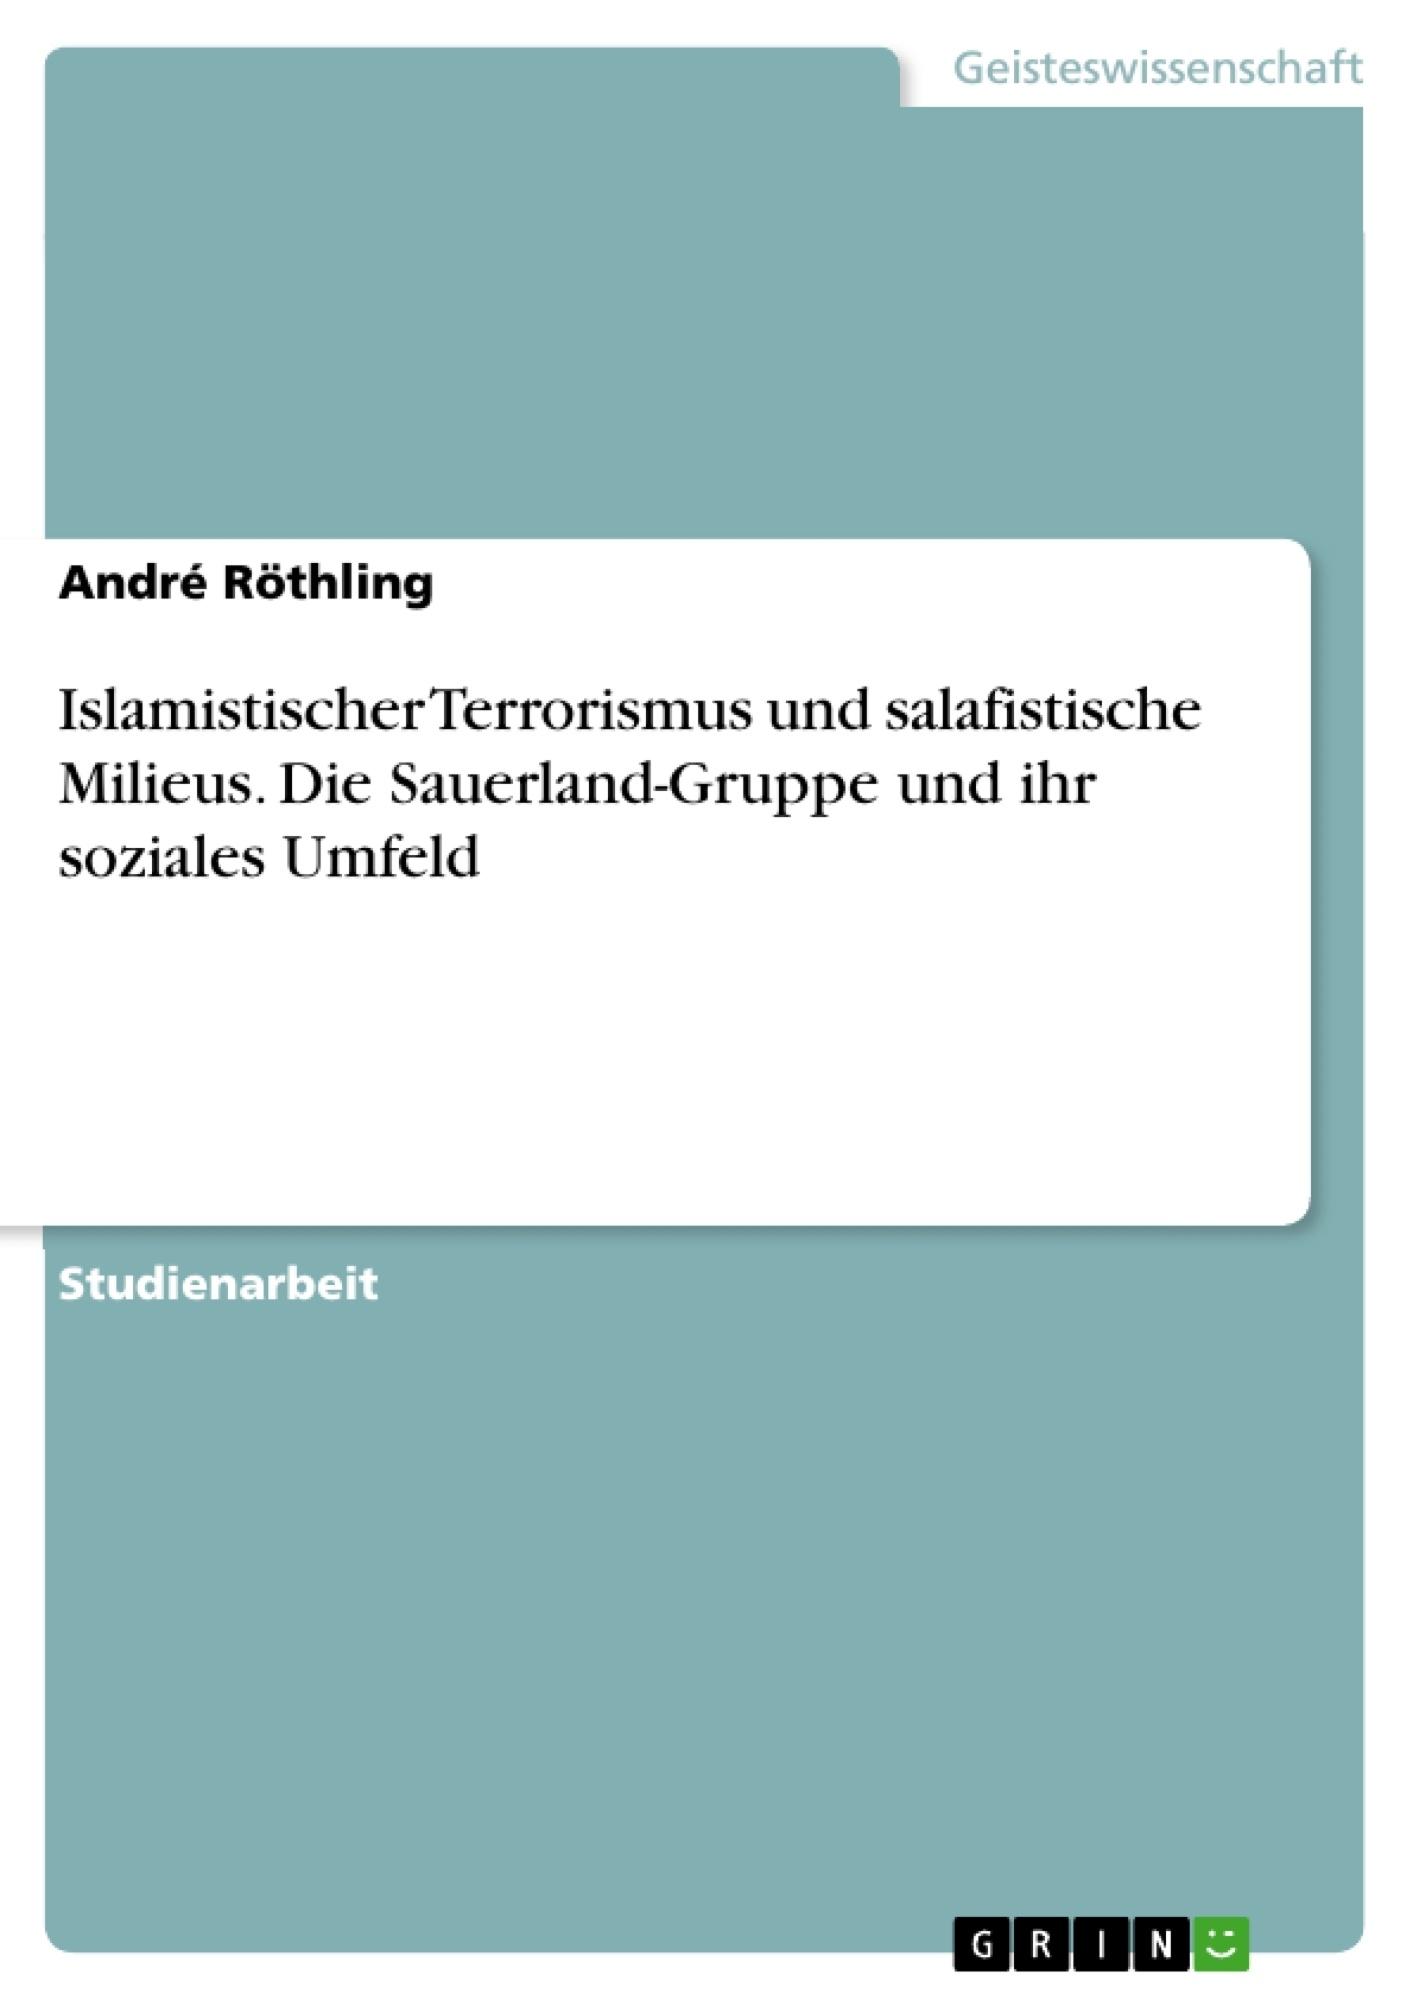 Titel: Islamistischer Terrorismus und salafistische Milieus. Die Sauerland-Gruppe und ihr soziales Umfeld